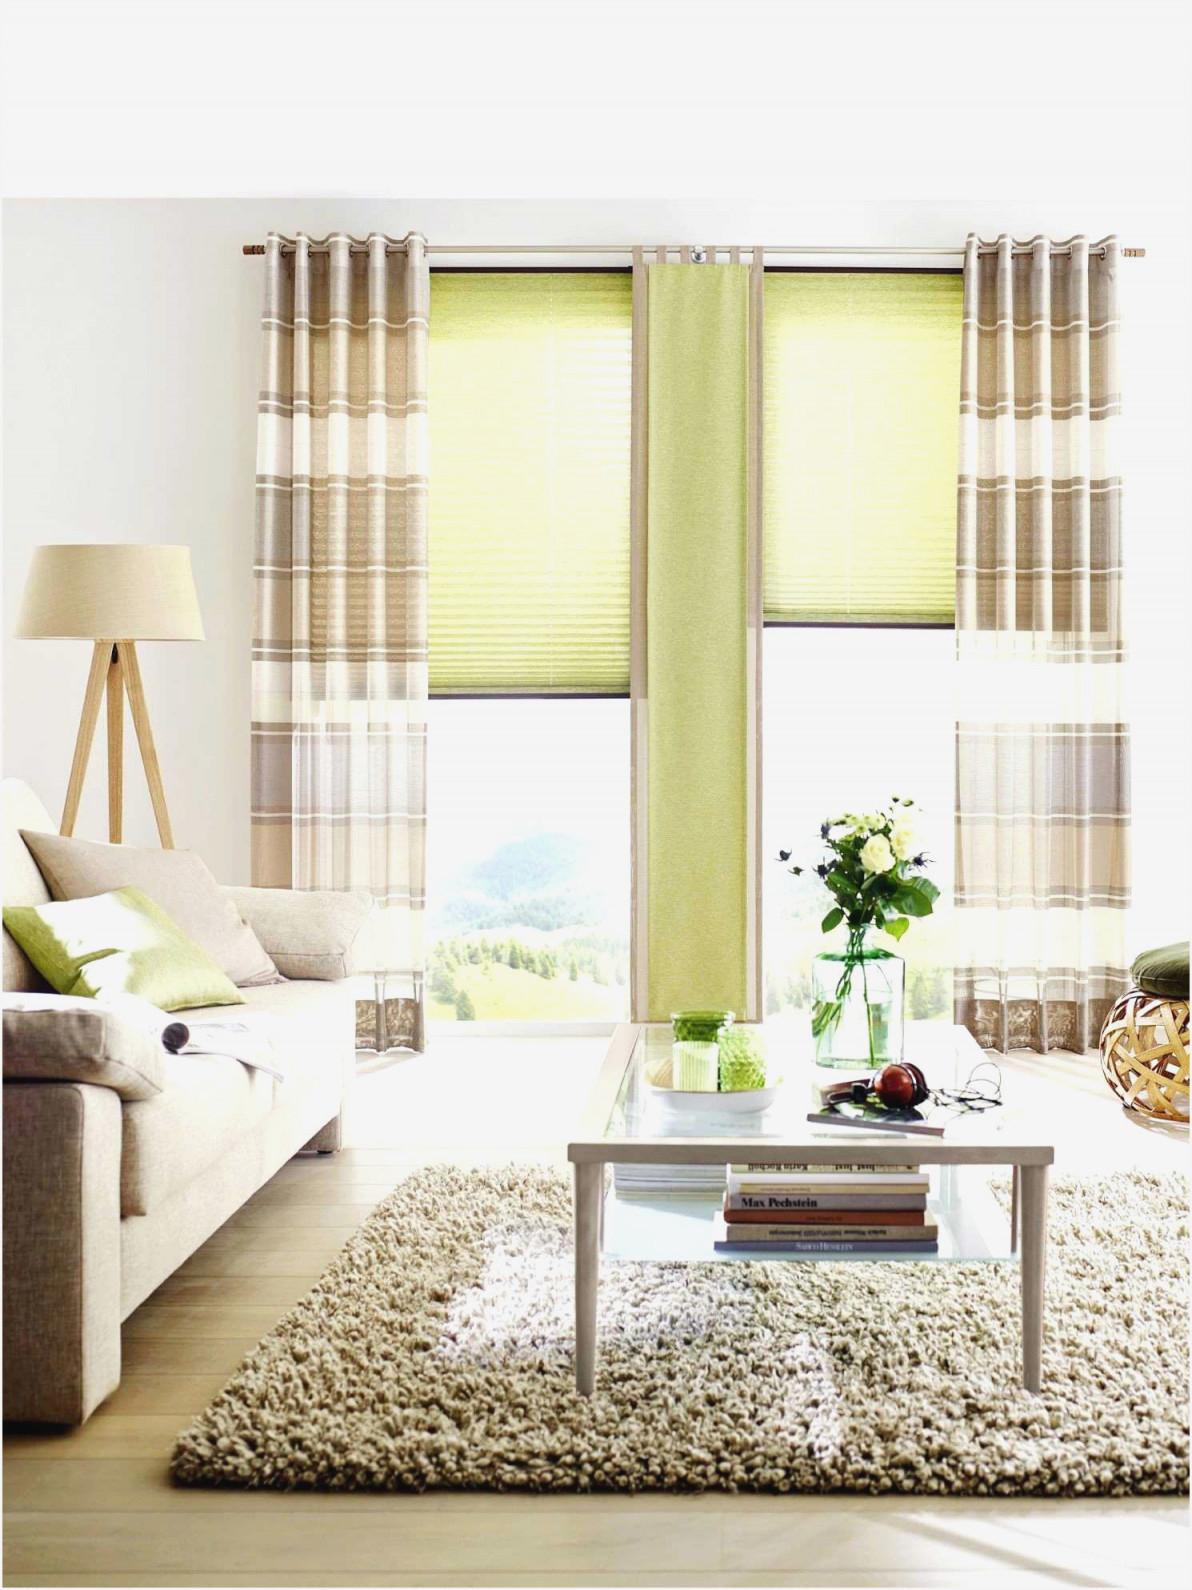 Gardinen Dekorationsvorschläge Wohnzimmer Modern von Gardinen Dekorationsvorschläge Wohnzimmer Photo